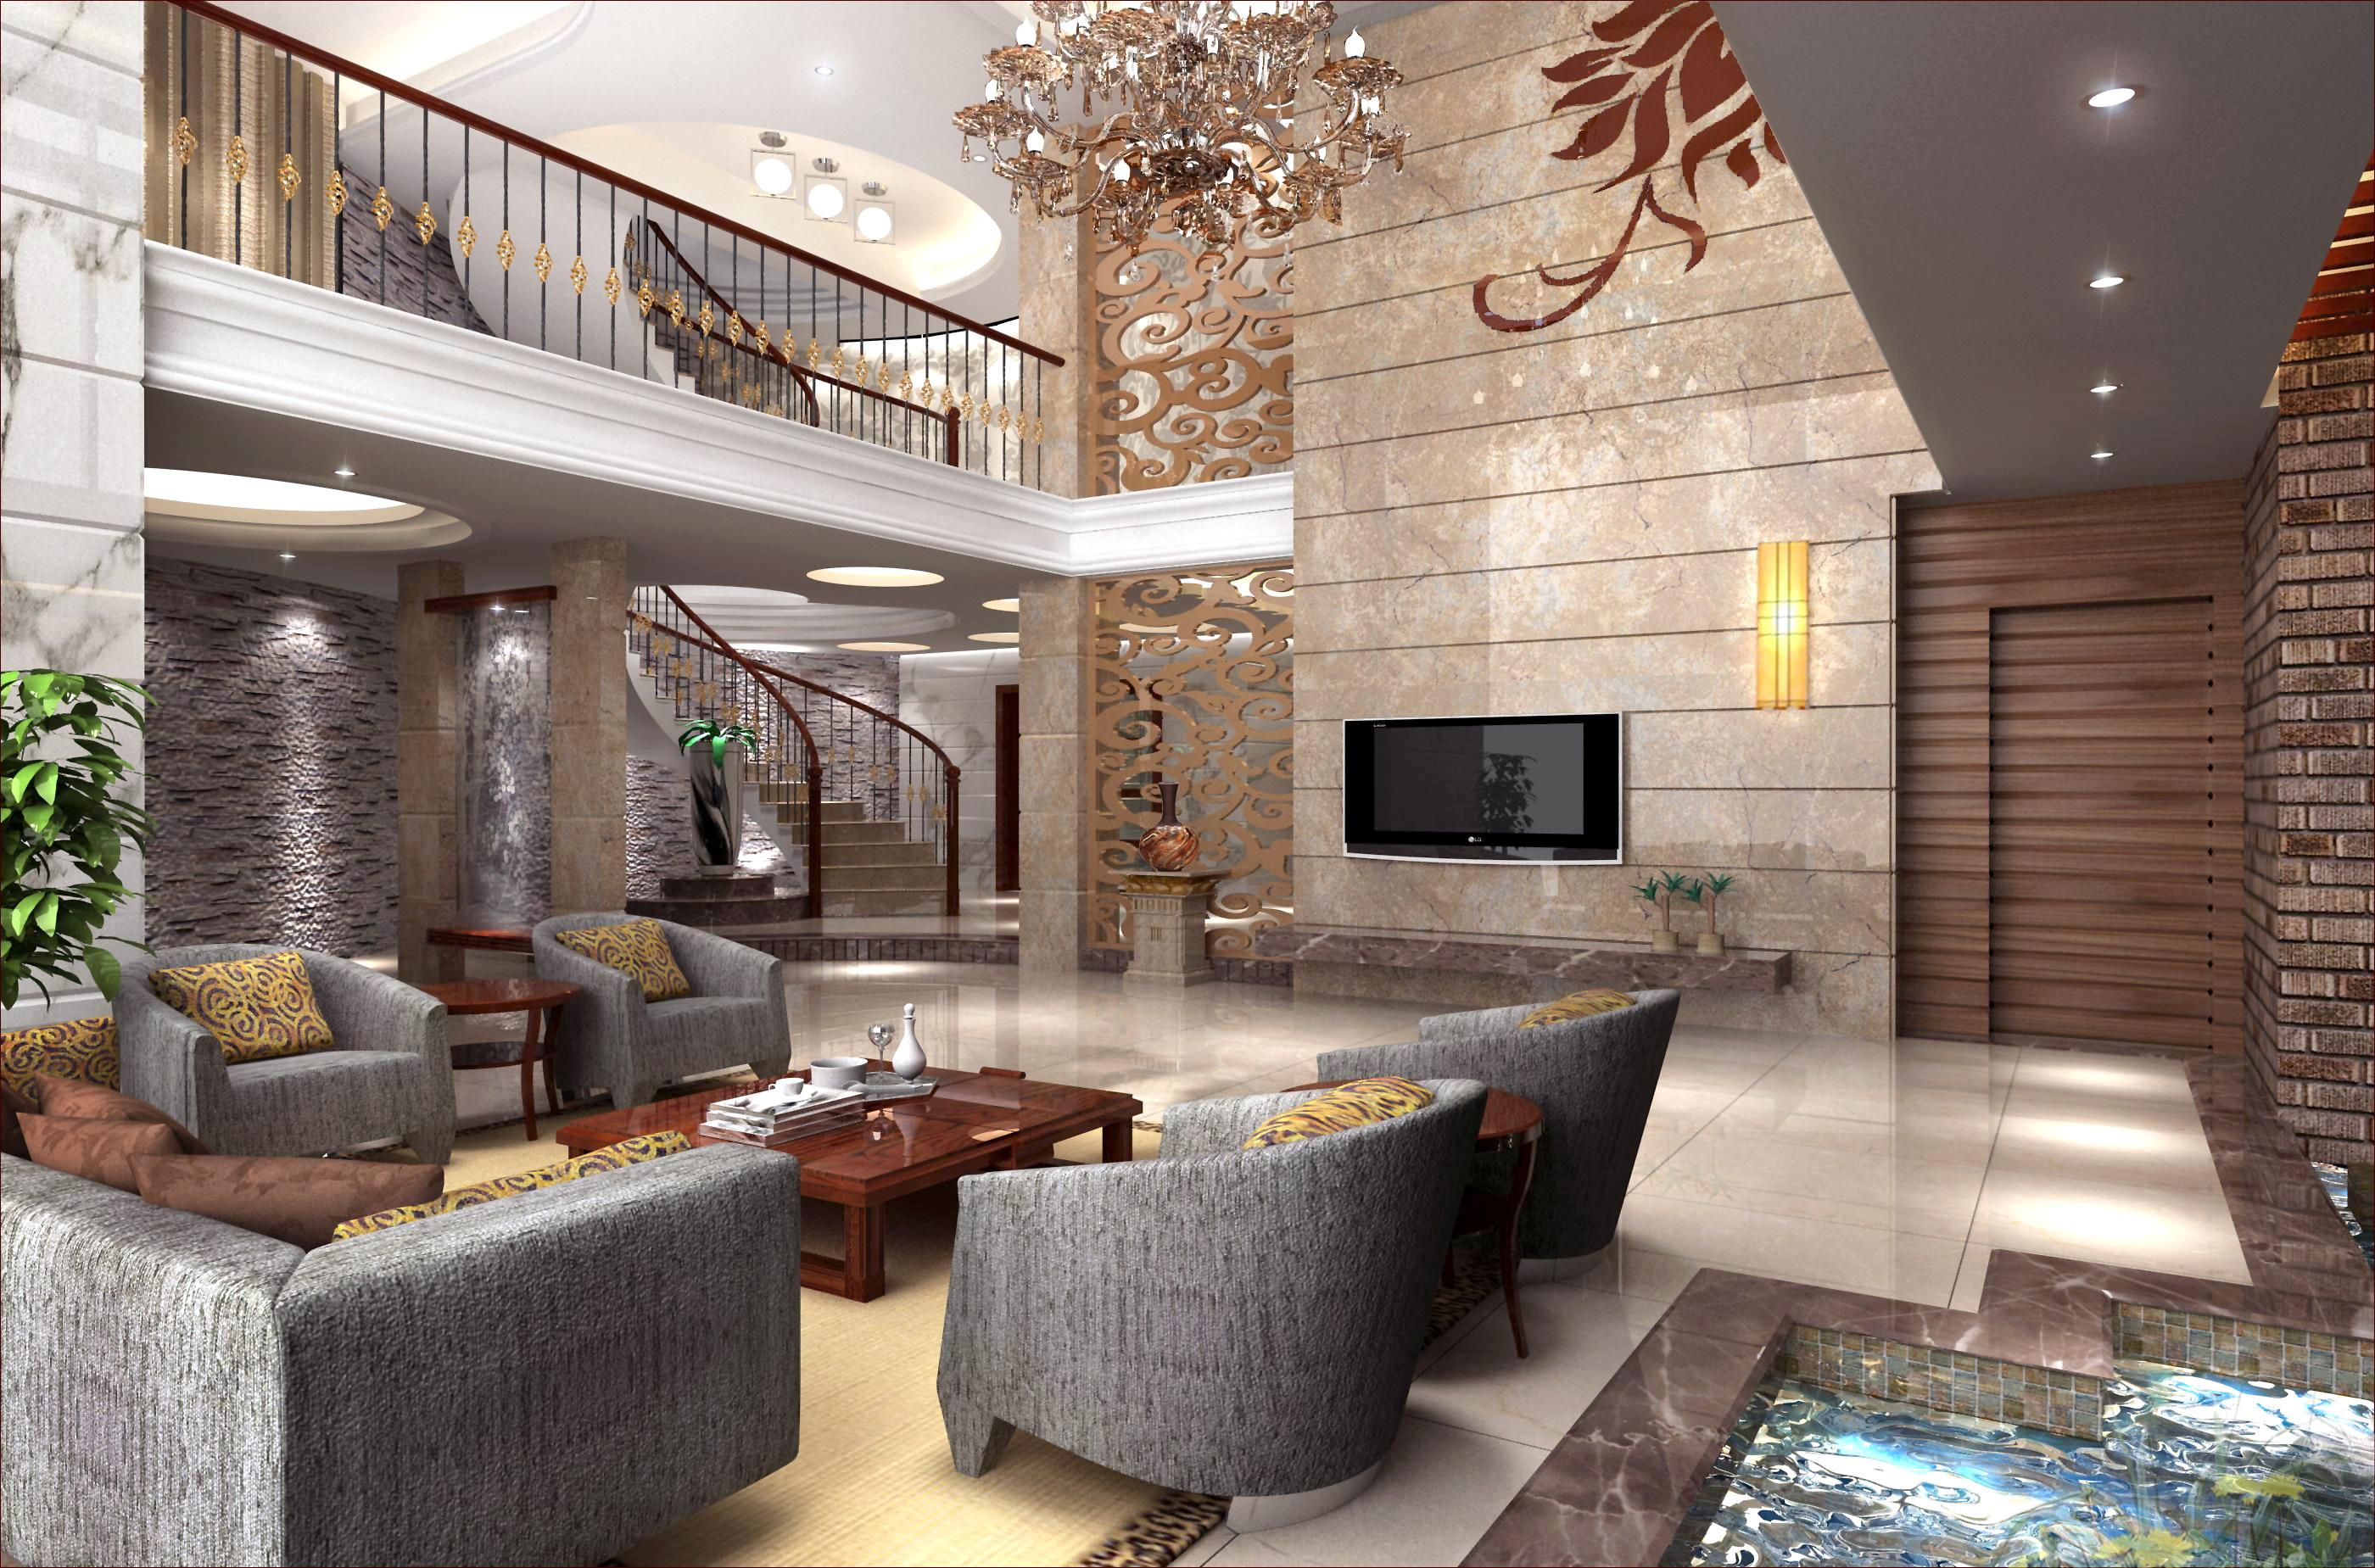 家装效果图 家装客厅设计效果图 家装阳台设计效果图 家装施工效果图